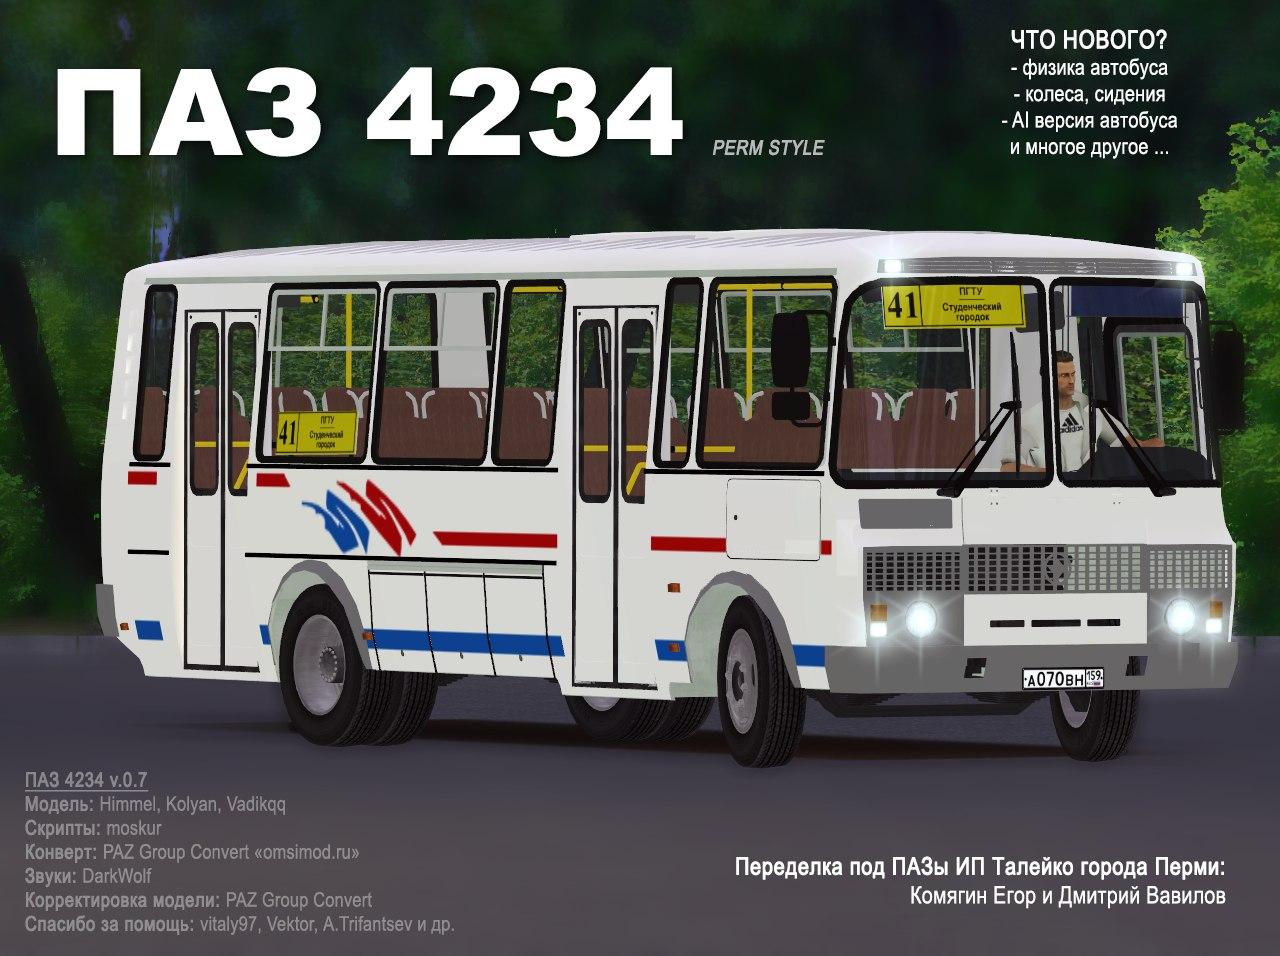 Скачать моды для farming simulator 2013 торрент - 8a